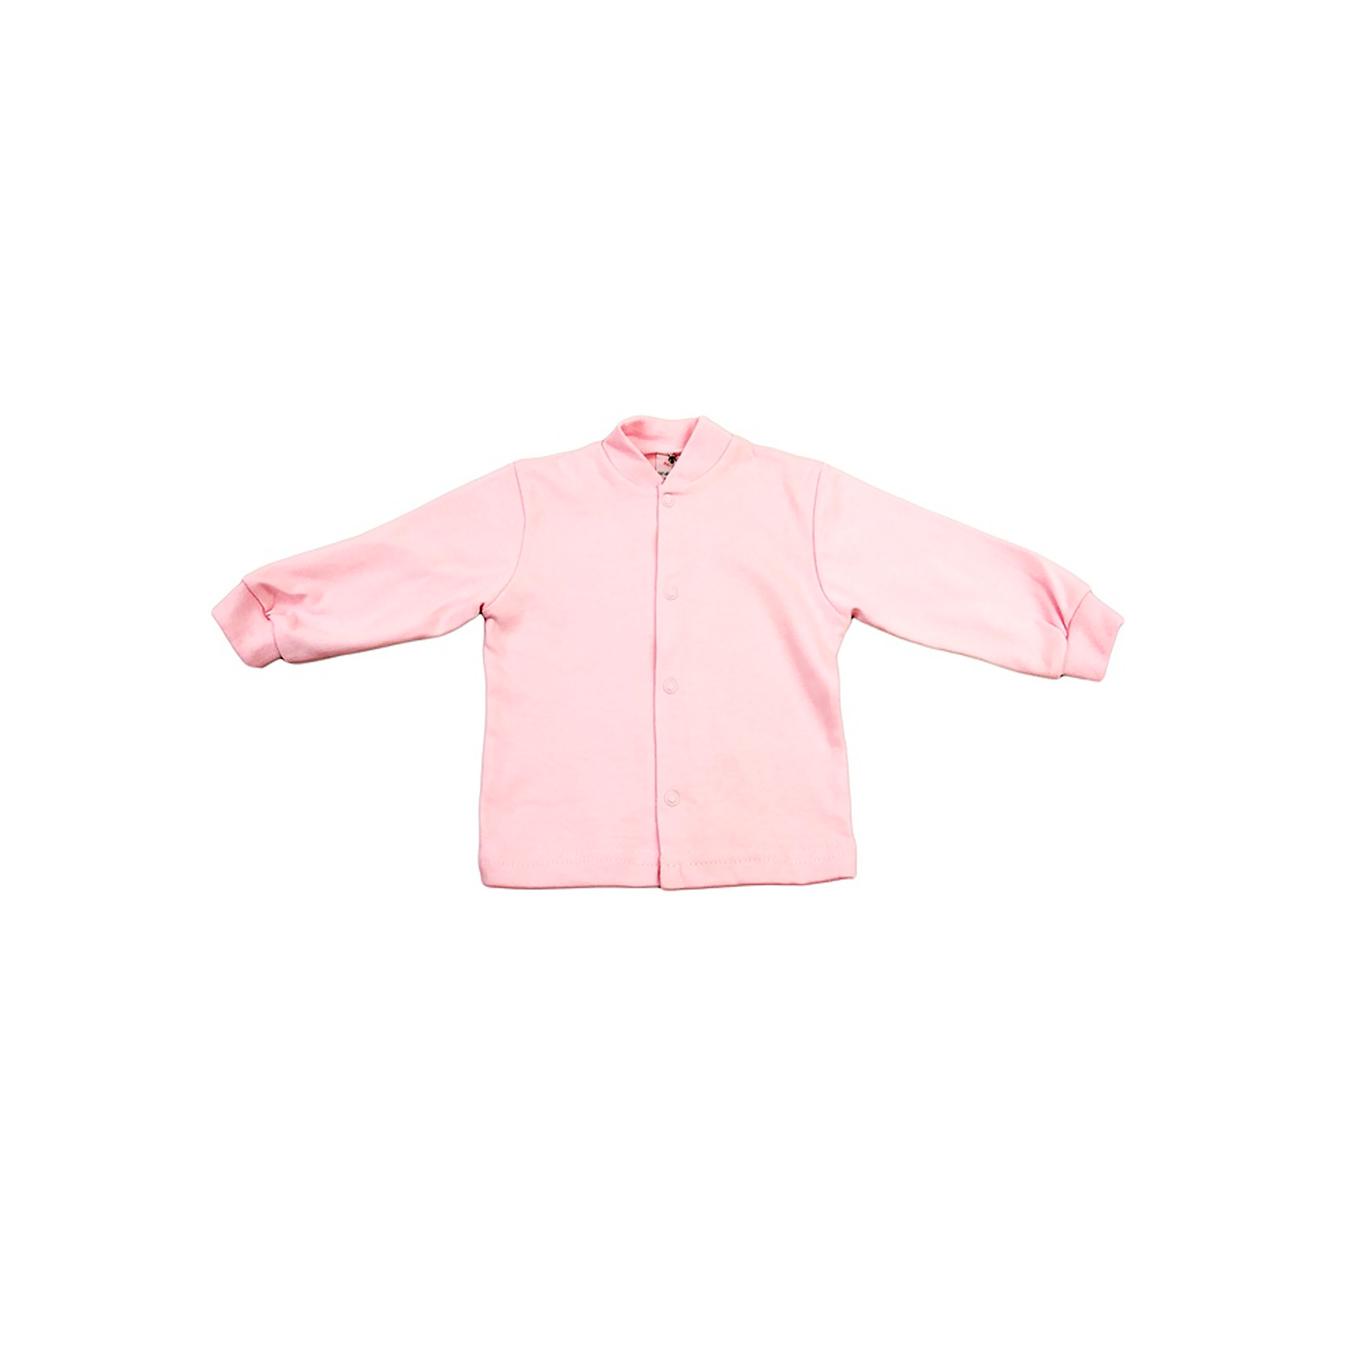 Кофточка КОТМАРКОТ для девочки, цвет однотонный розовый 6-9 мес (размер 74)<br>